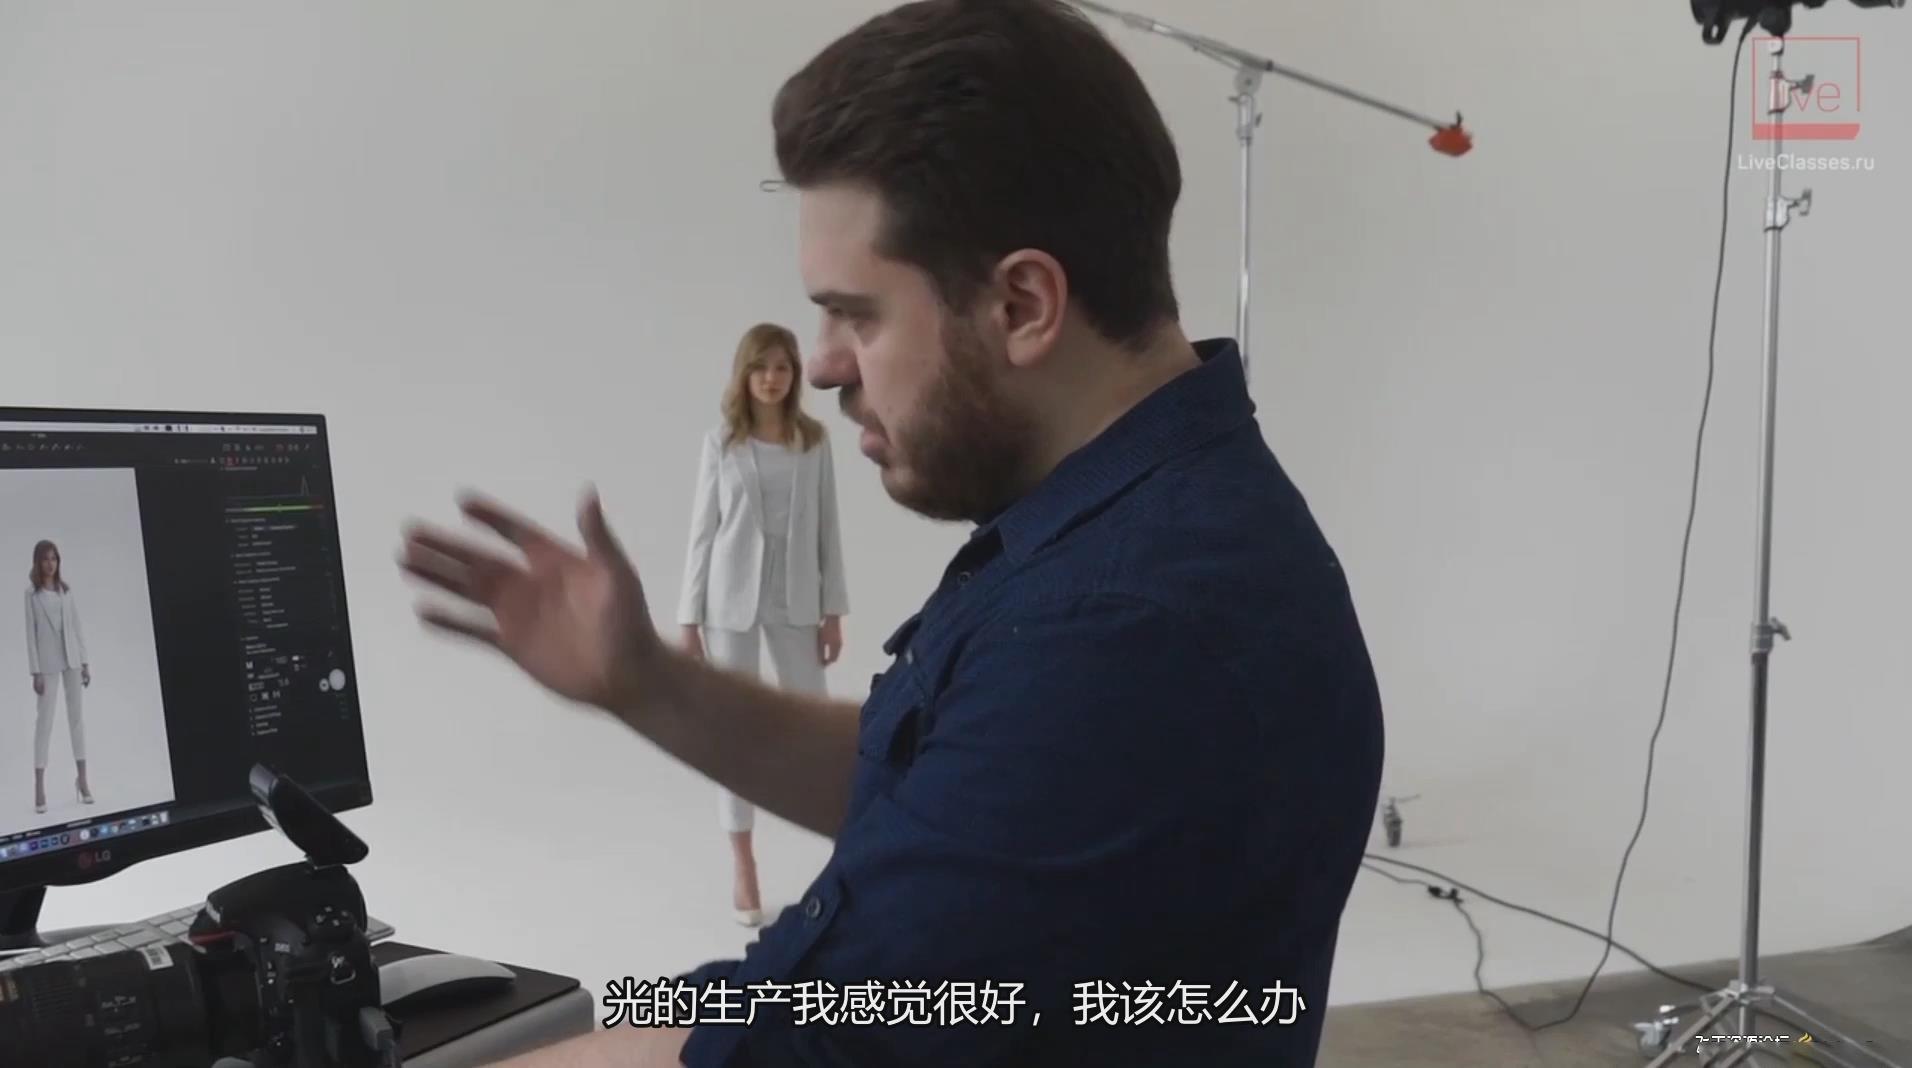 摄影教程_Liveclasses -Alexander Talyuka棚拍时尚杂志人像布光教程-中文字幕 摄影教程 _预览图14